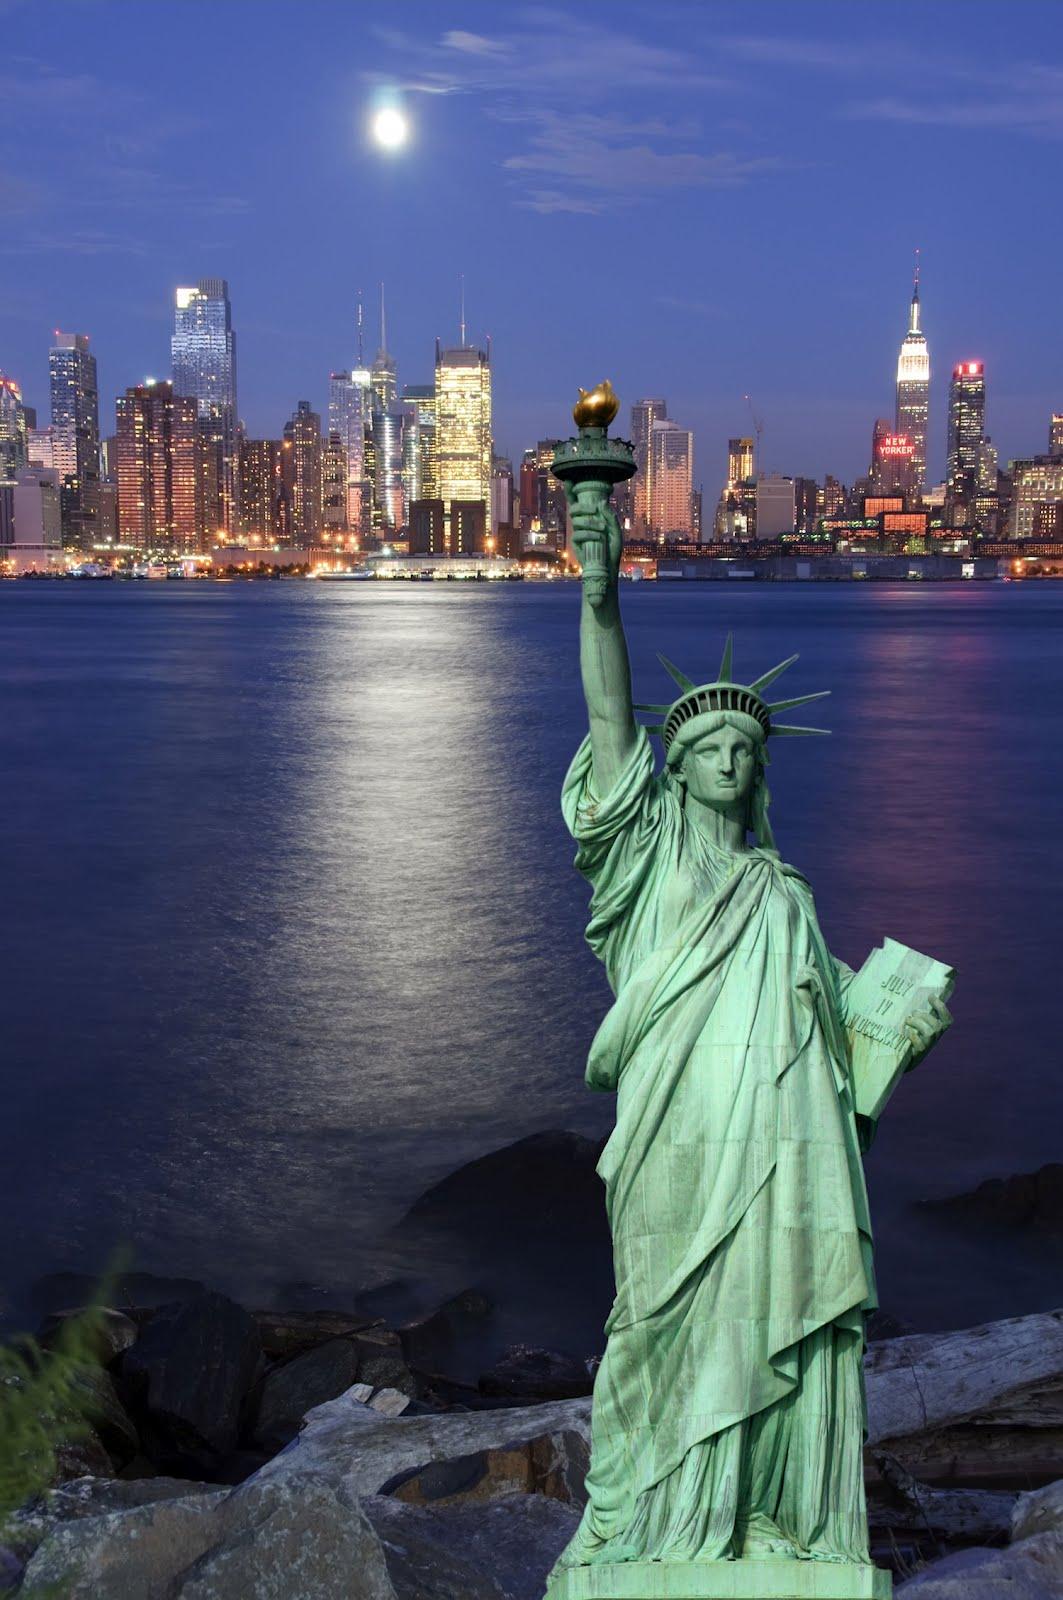 imagenes de libertad fotos estatua libertad nueva york. Black Bedroom Furniture Sets. Home Design Ideas